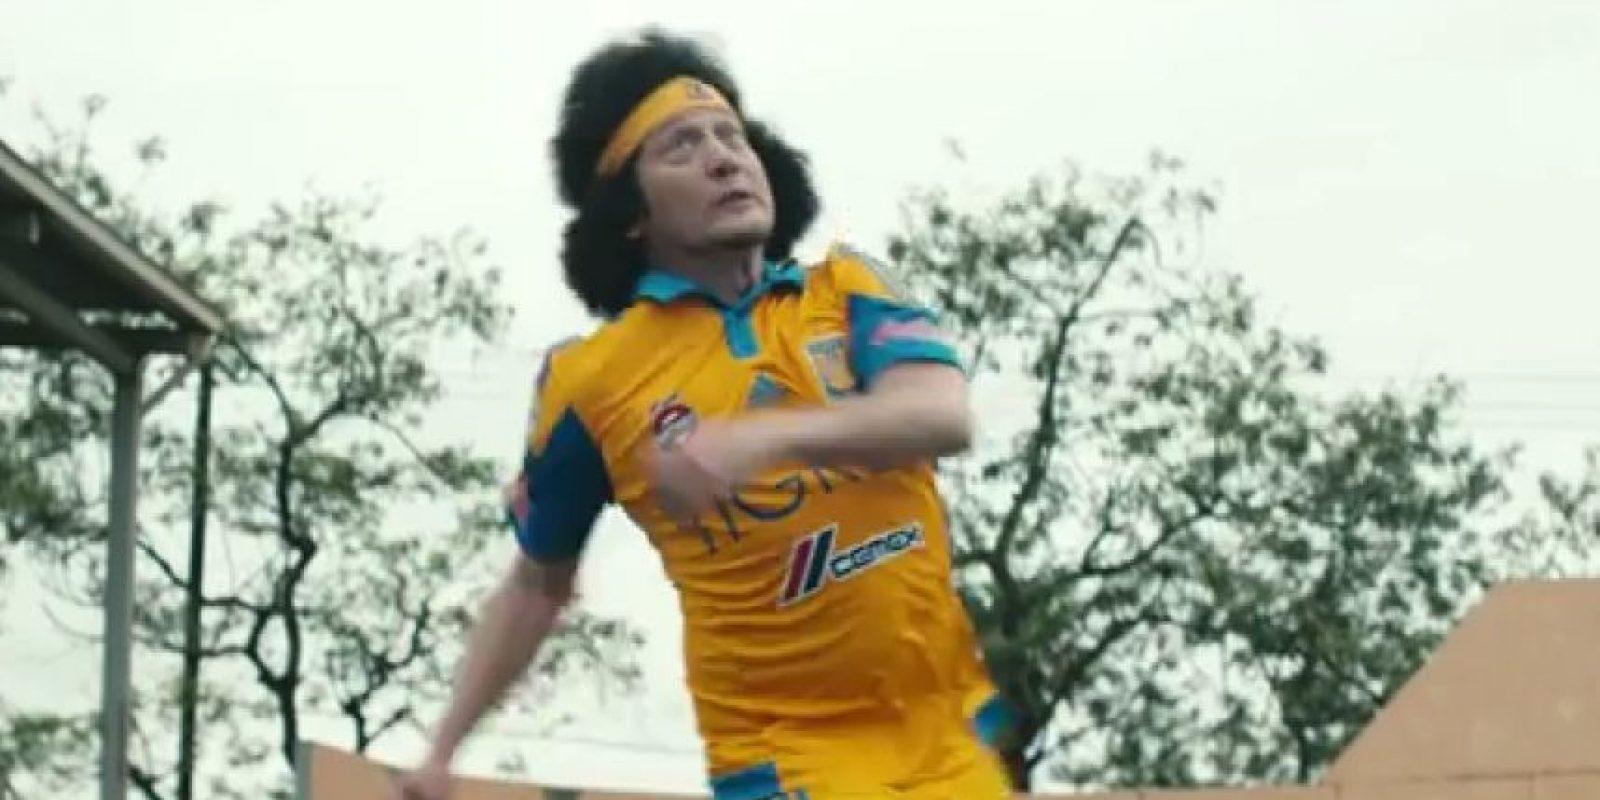 El actor que fue conquistado por el equipo mexicano, Tigres Foto:Youtube